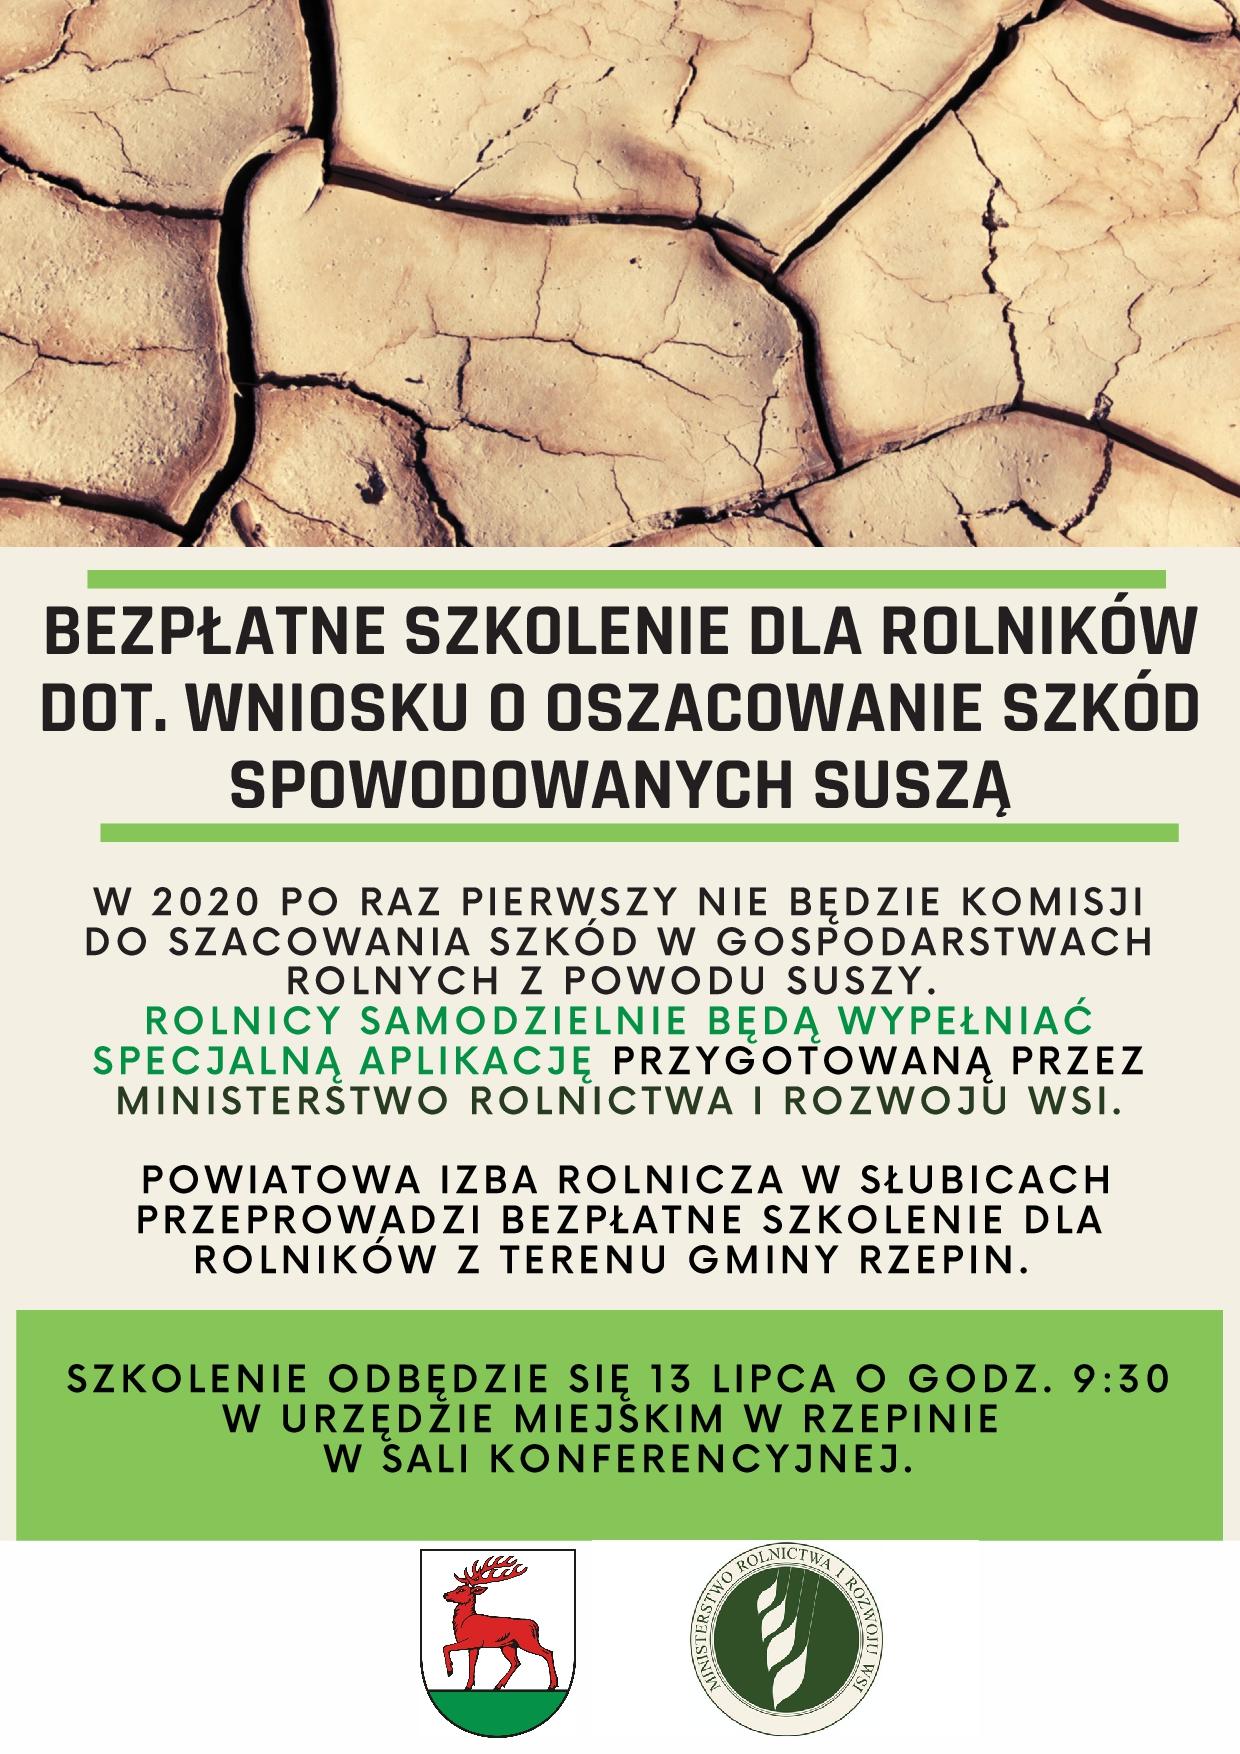 Ilustracja do informacji: Bezpłatne szkolenia dla rolników dot. wniosków o oszacowanie szkód spowodowanych suszą